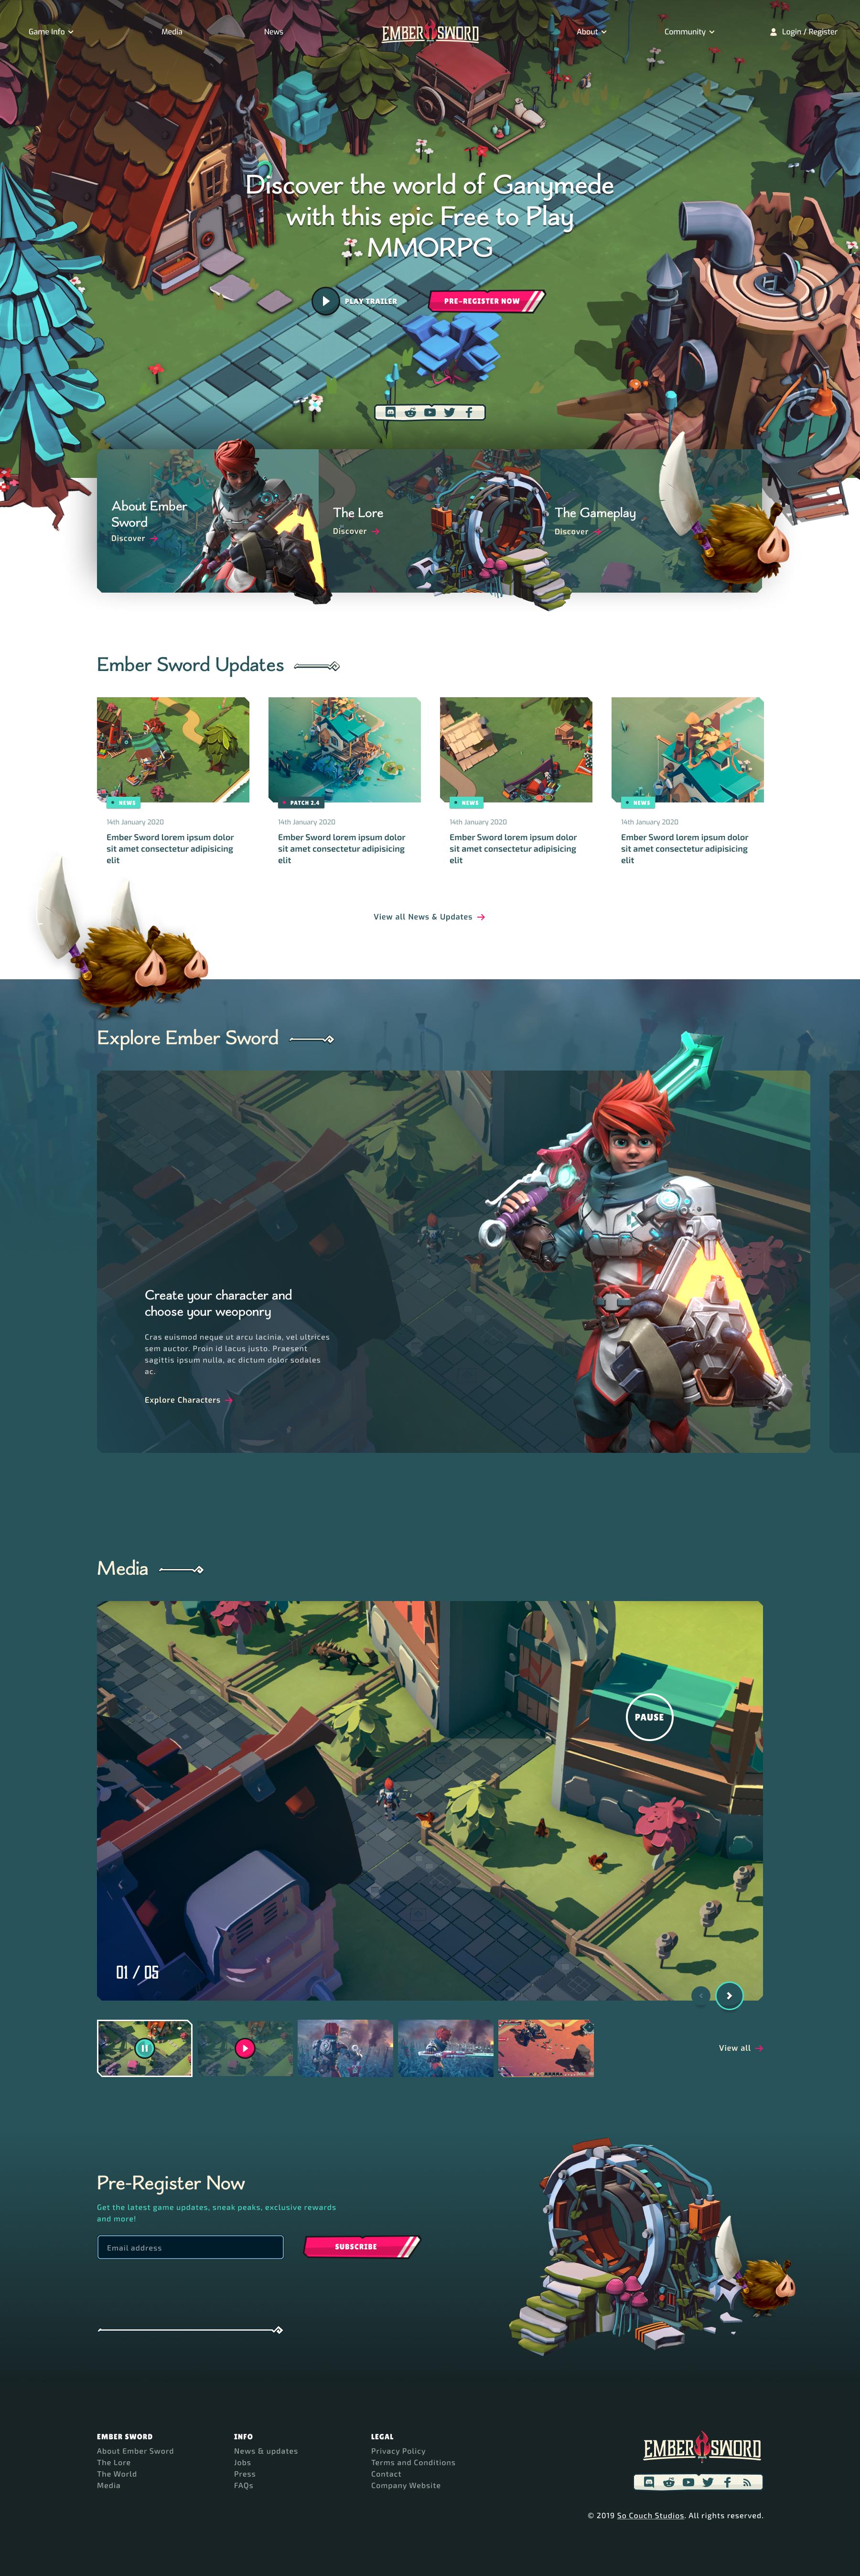 Ember Sword full homepage design